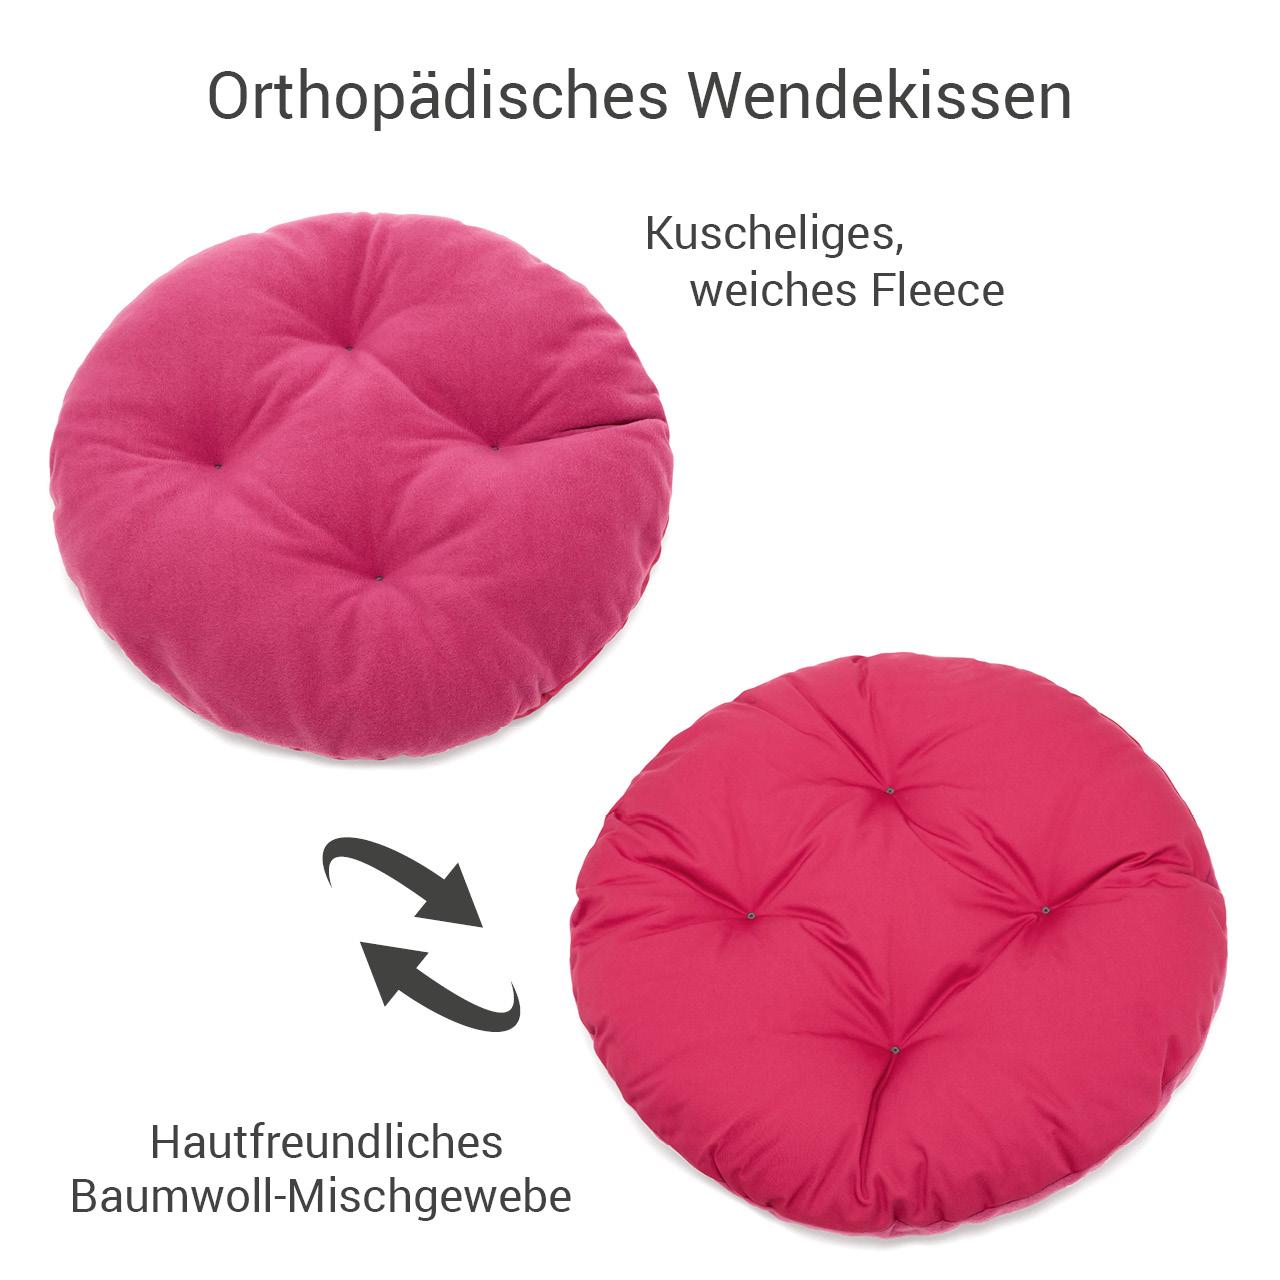 rundes Hundebett mit orthopädischem Wendekissen Doctor Bark Gr. M - hot pink